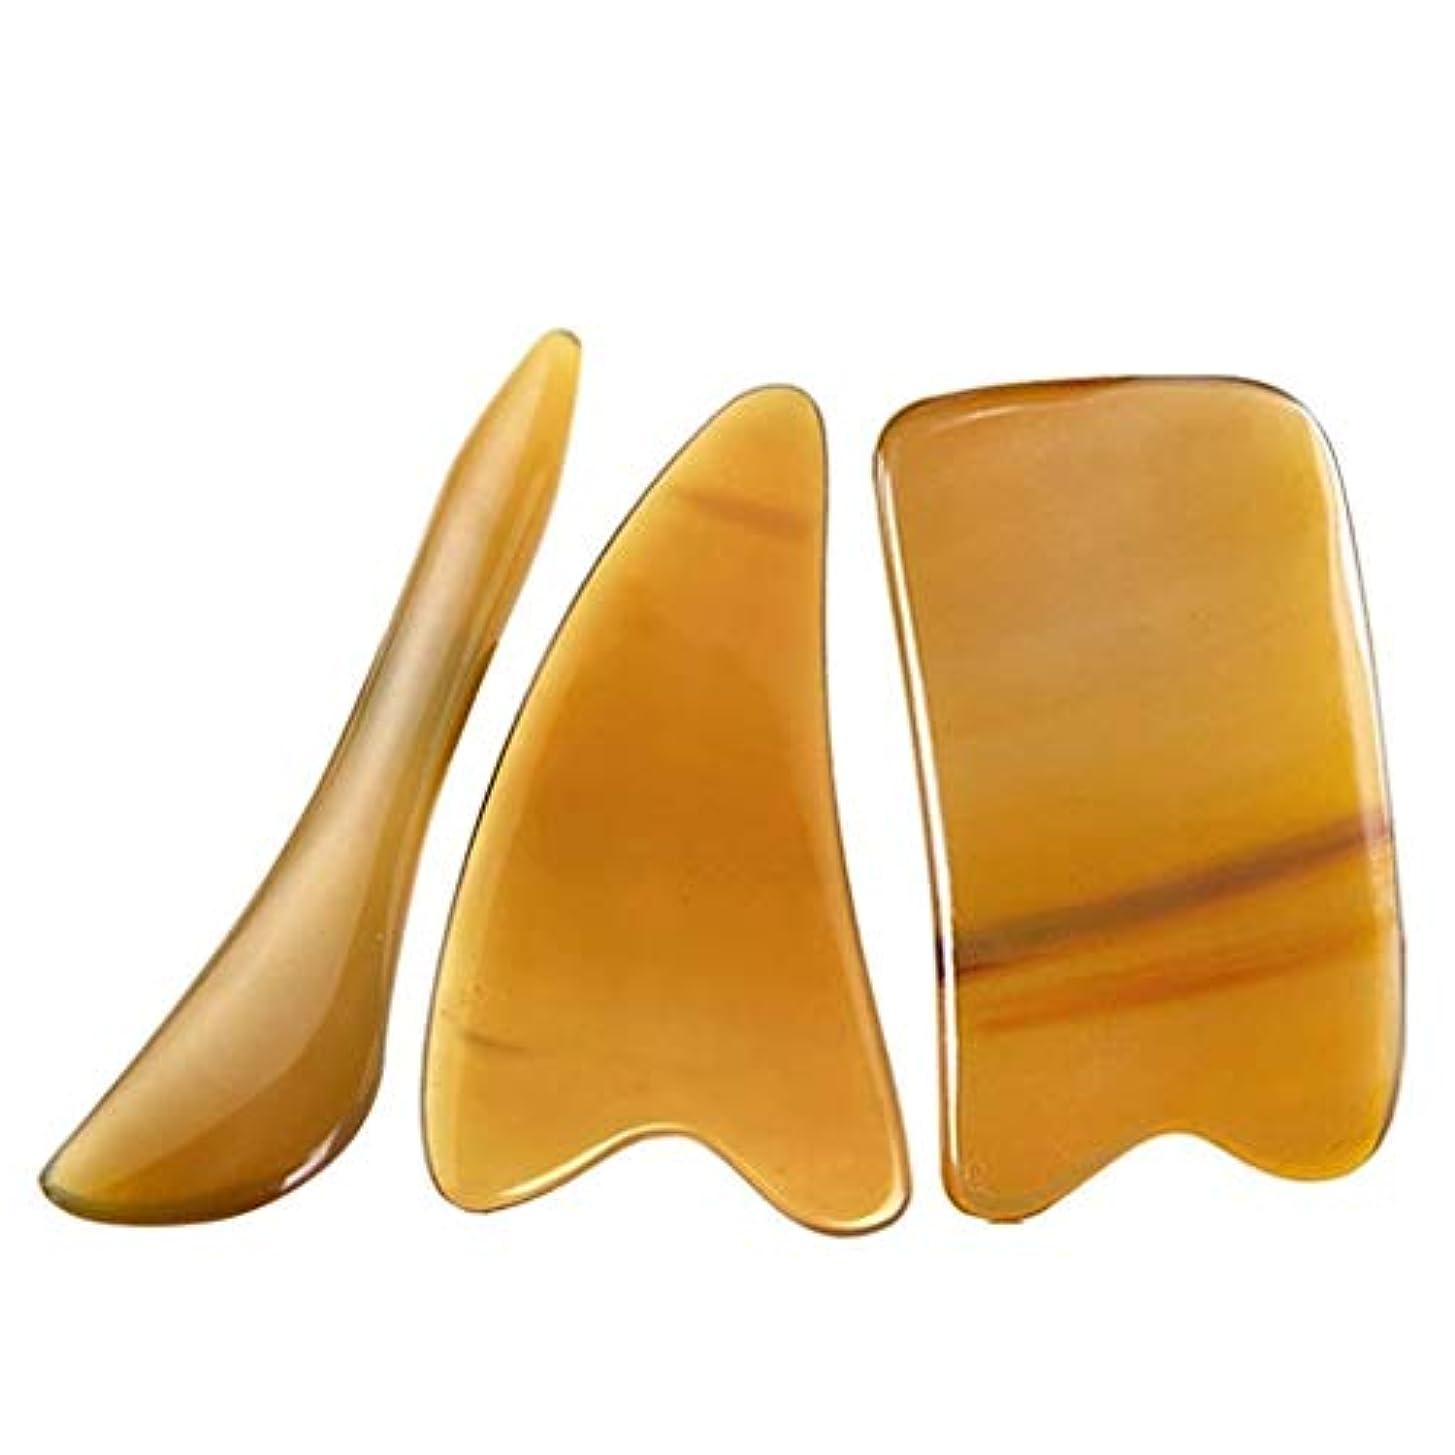 エジプトフルーティー縞模様のIASTMグラストン理学療法ツール-ハンドメイドガシャボード-顔と体のSPA鍼治療のトリガーポイント治療用